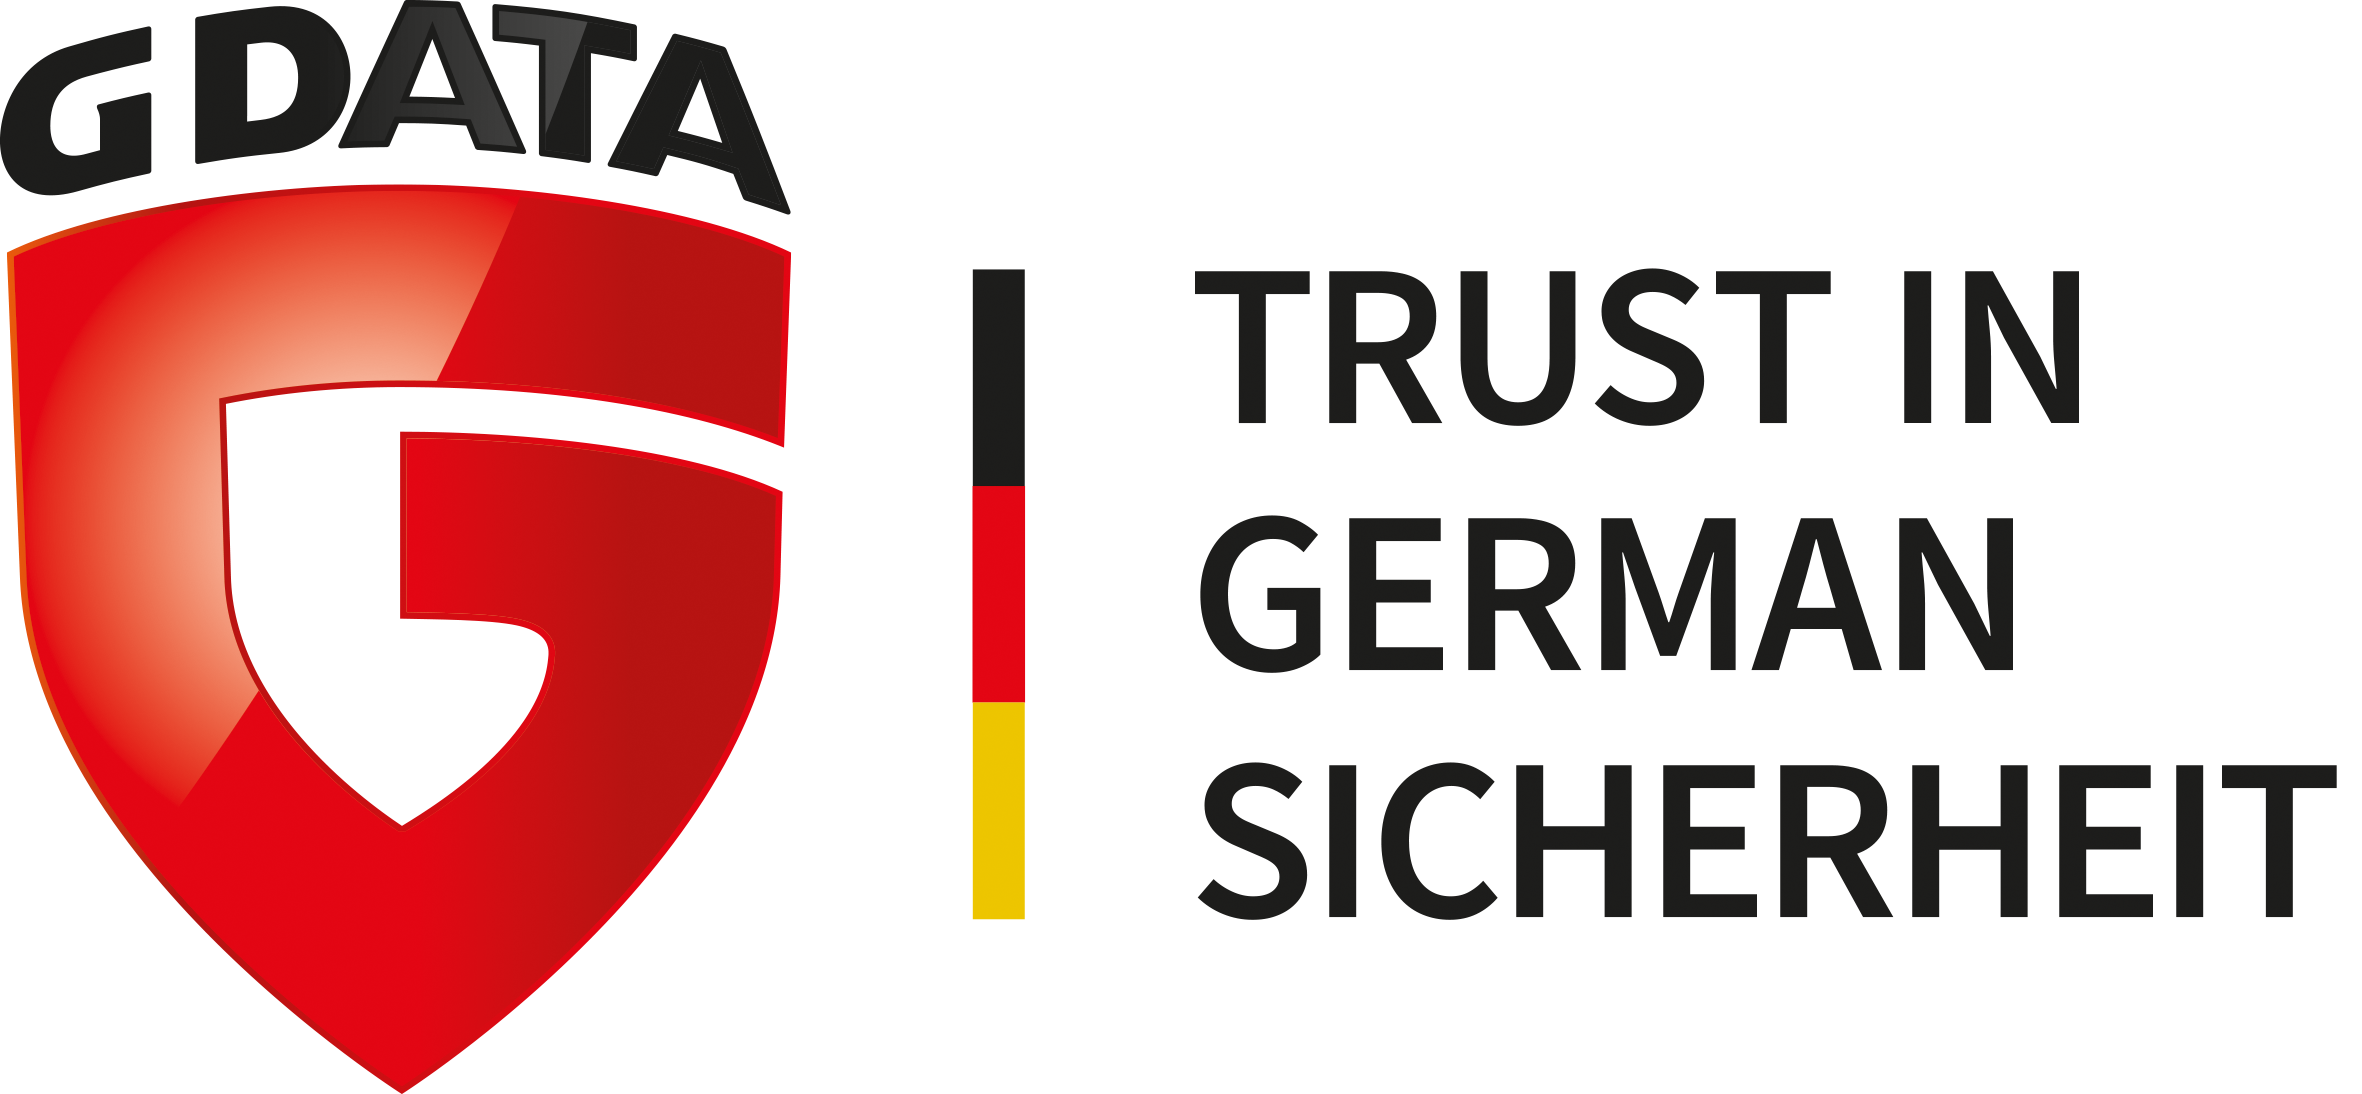 G_DATA_Logo_TIGS_2017.png